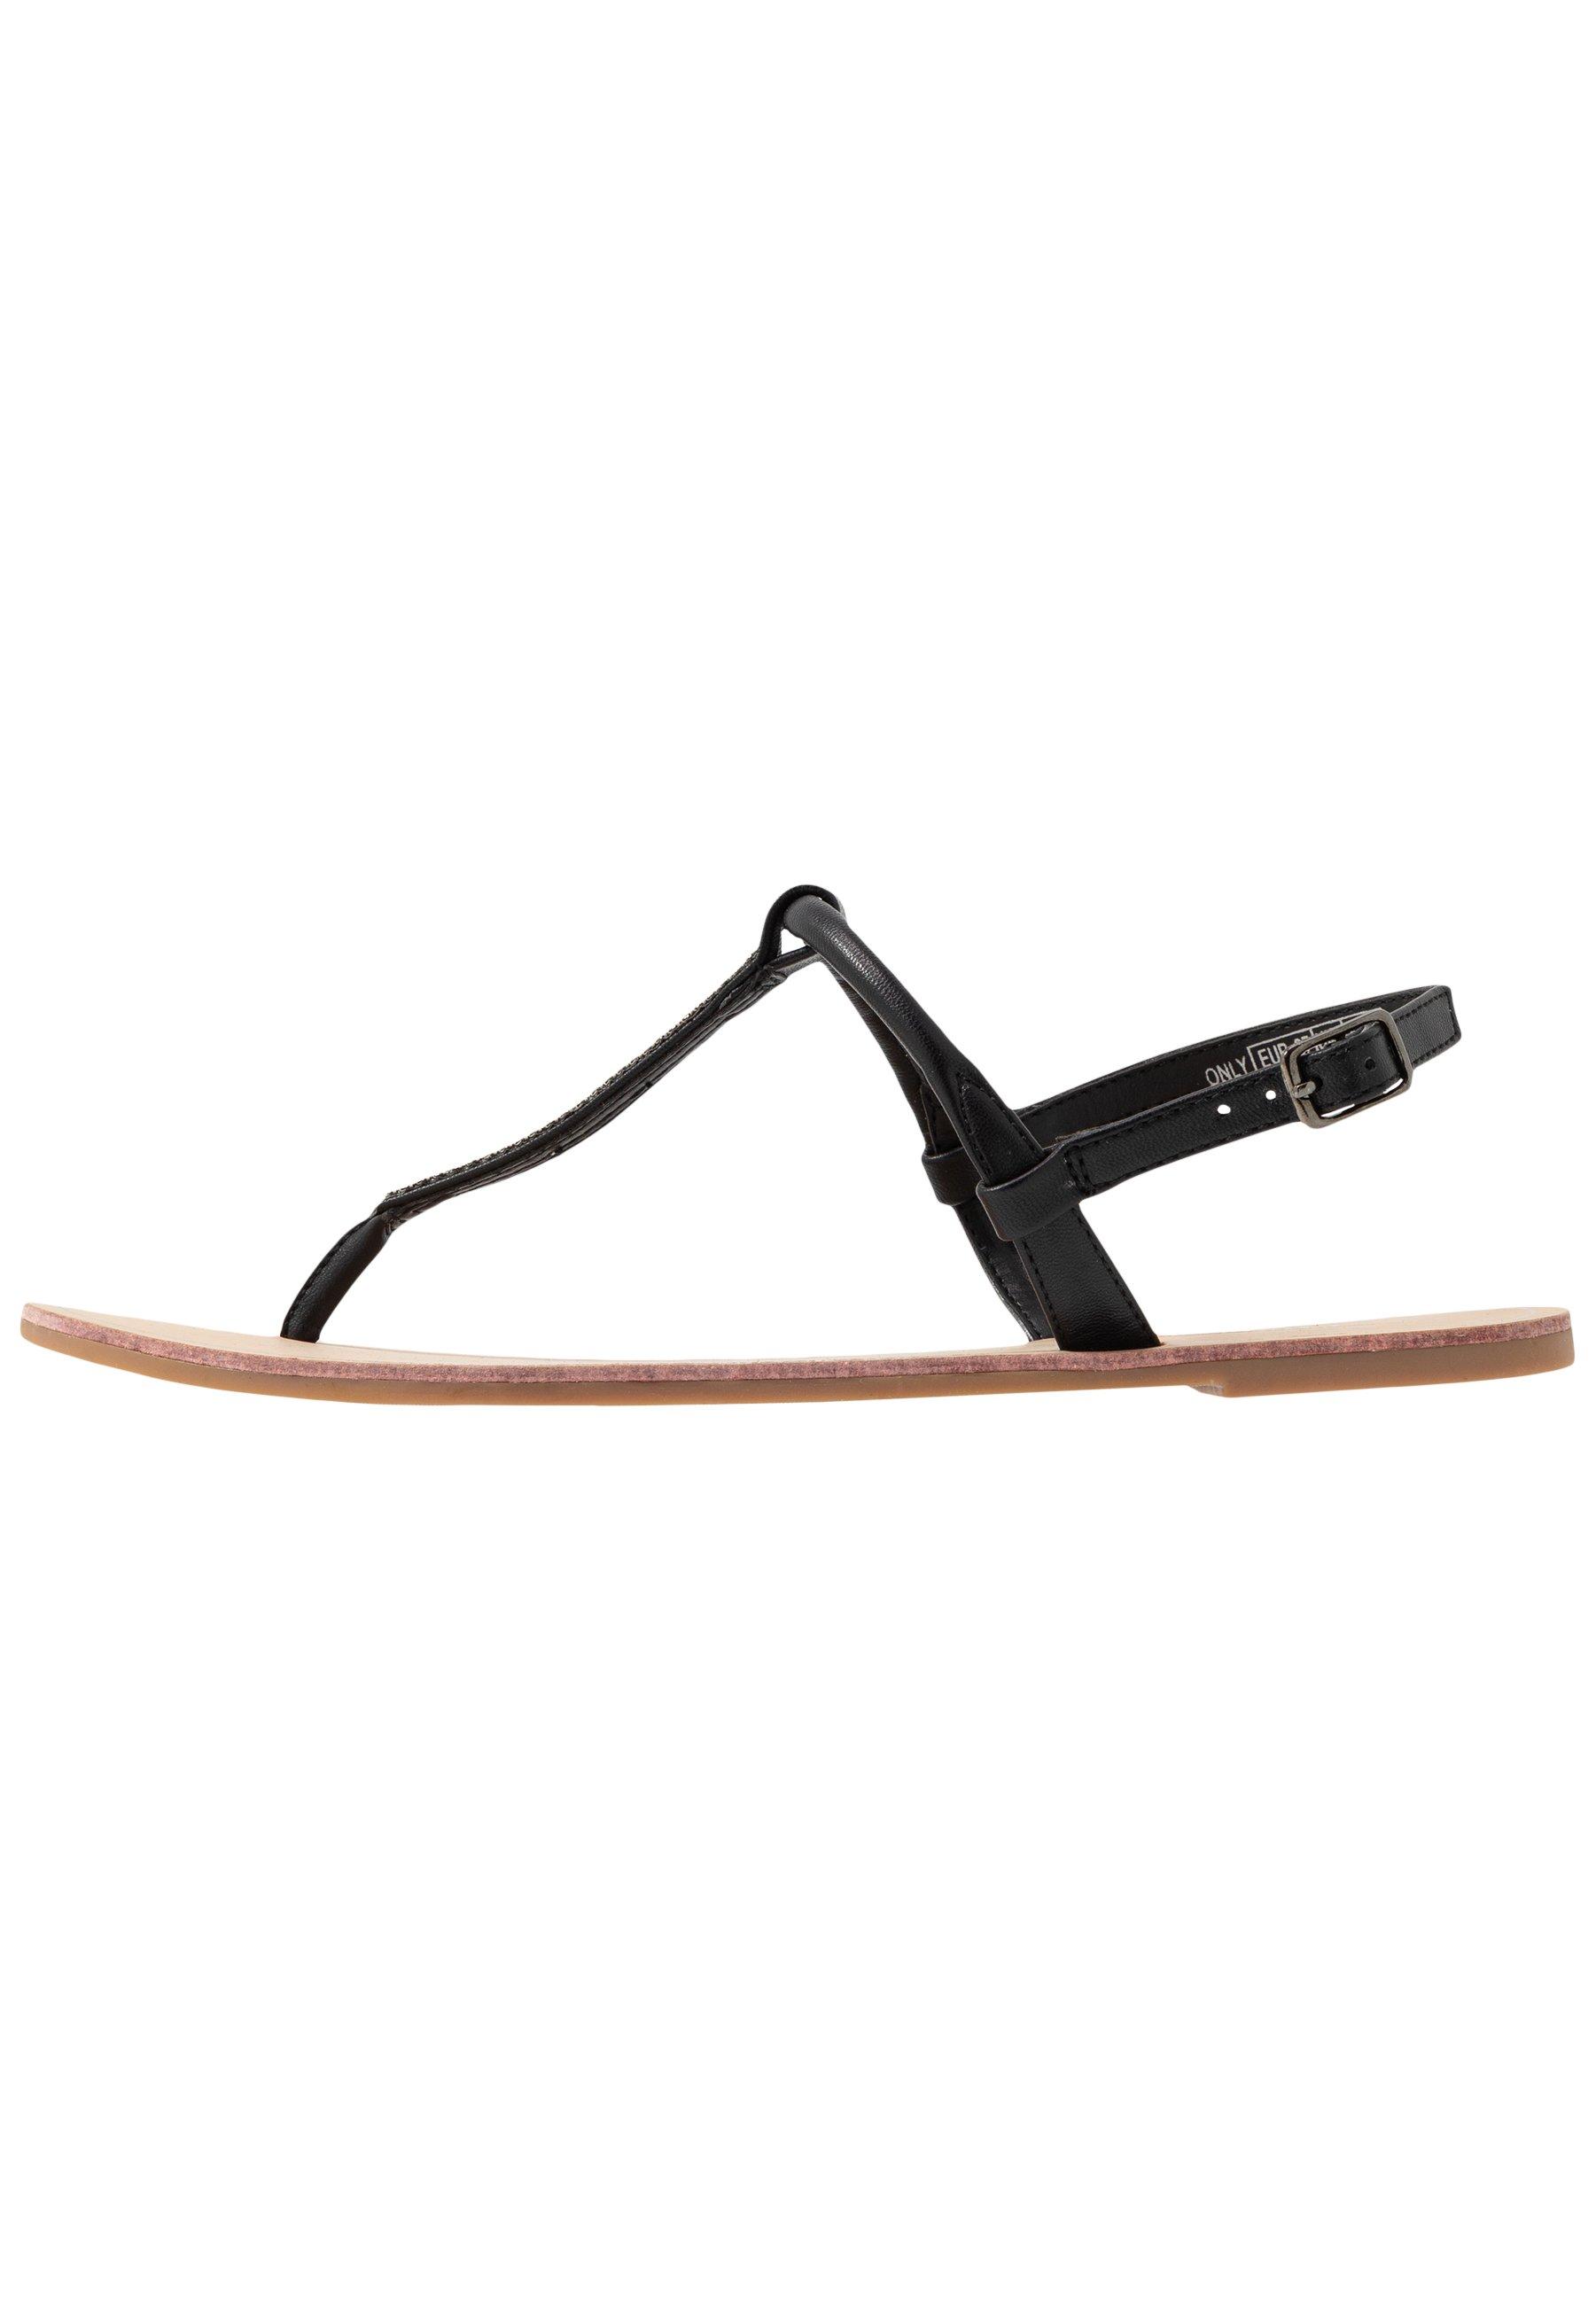 ONLY SHOES ONLMARGIT SPLIT TOE - Sandaler m/ tåsplit - black